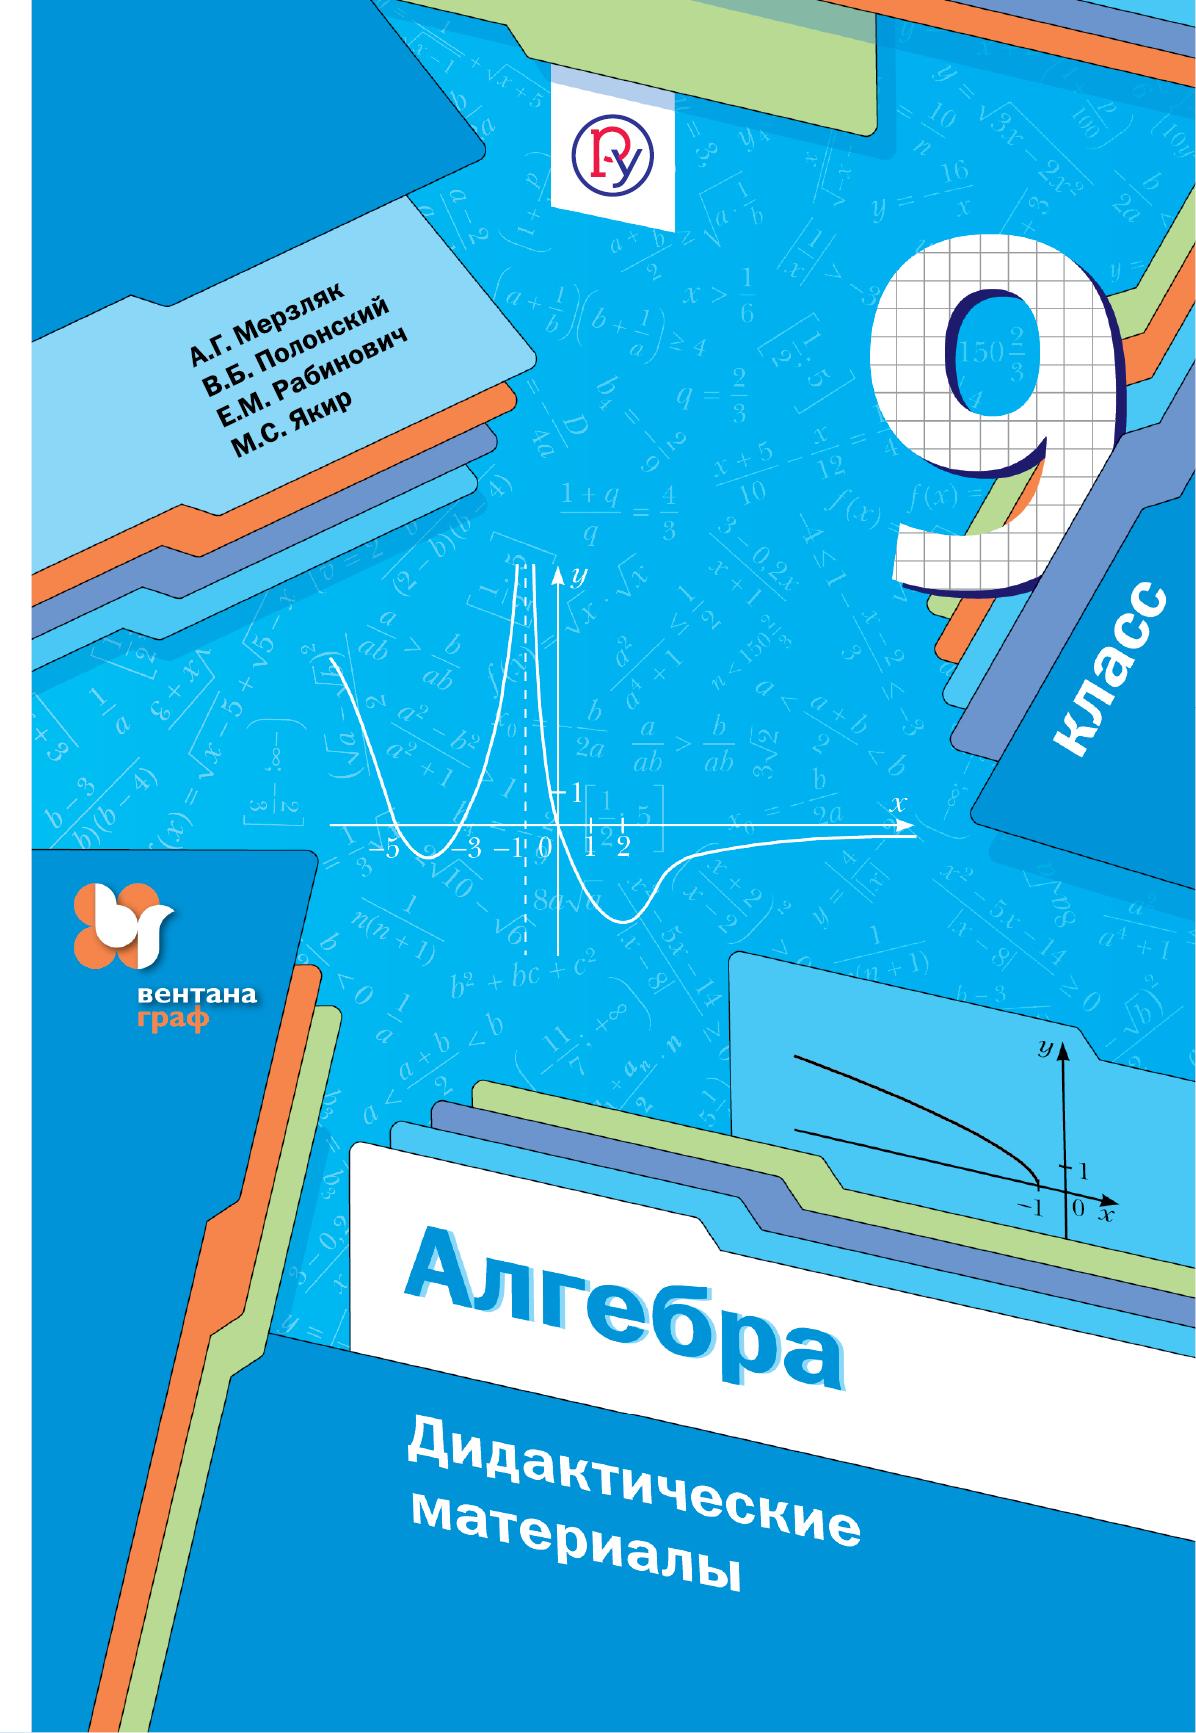 МерзлякА.Г., ПолонскийВ.Б., РабиновичЕ.М., ЯкирМ.С. Алгебра. 9классы. Дидактические материалы. алгебра 7 9 классы